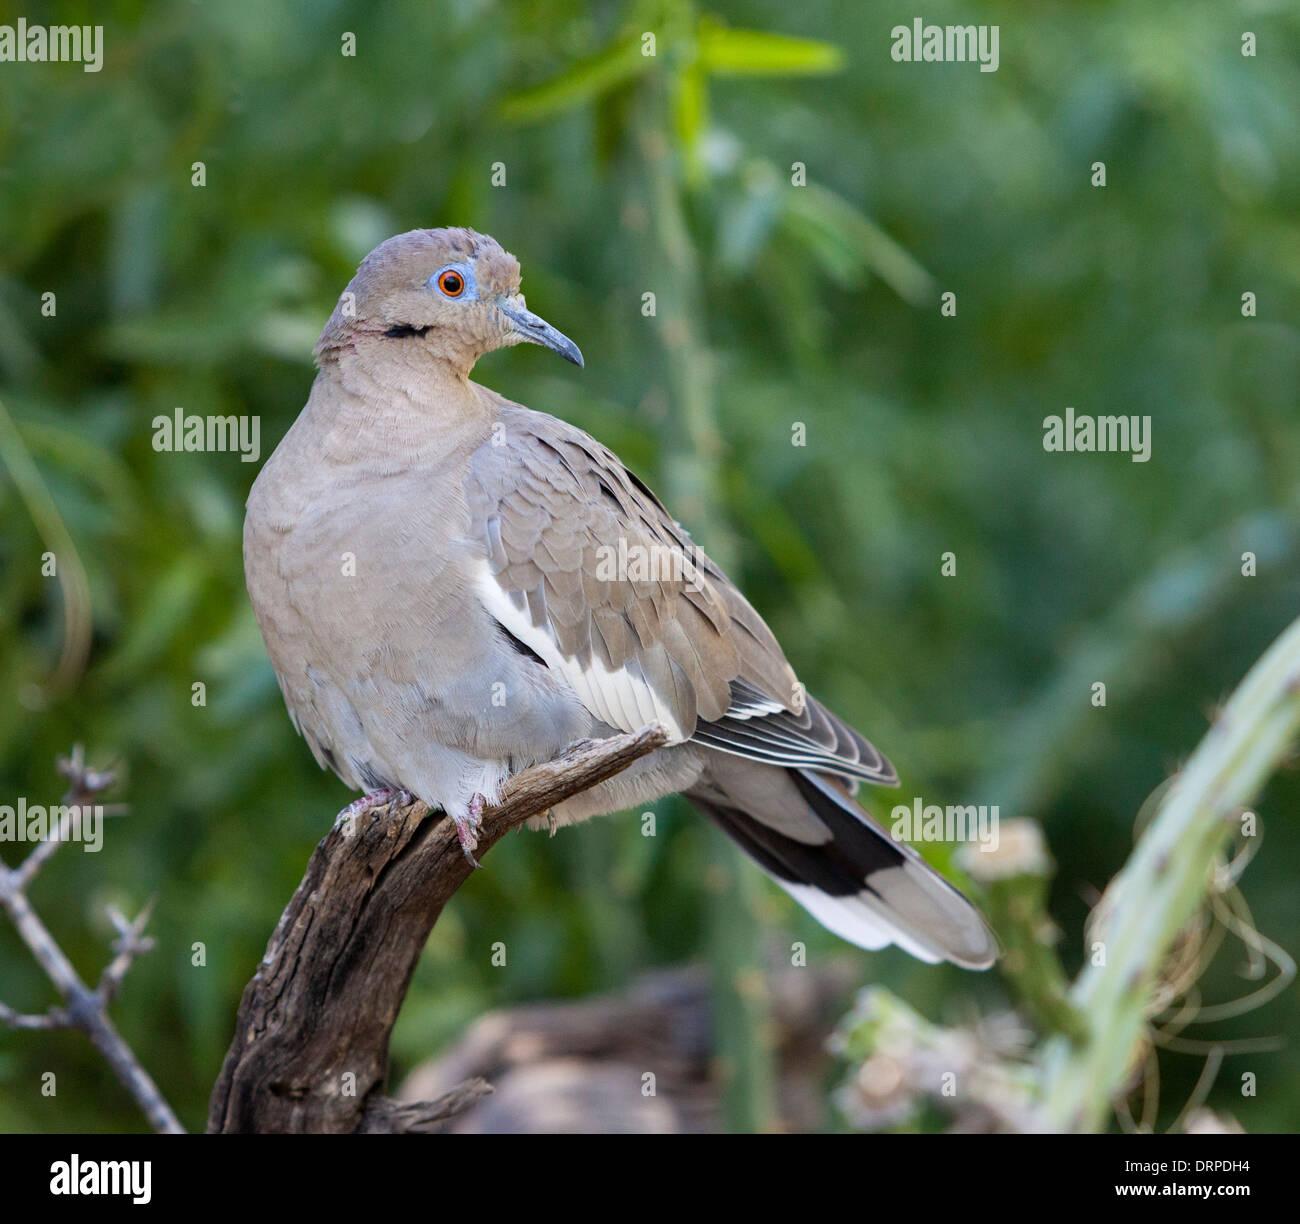 La colombe (Zenaida asiatica) est une colombe dont la gamme s'étend du sud-ouest des Etats-Unis par le Mexique. Photo Stock